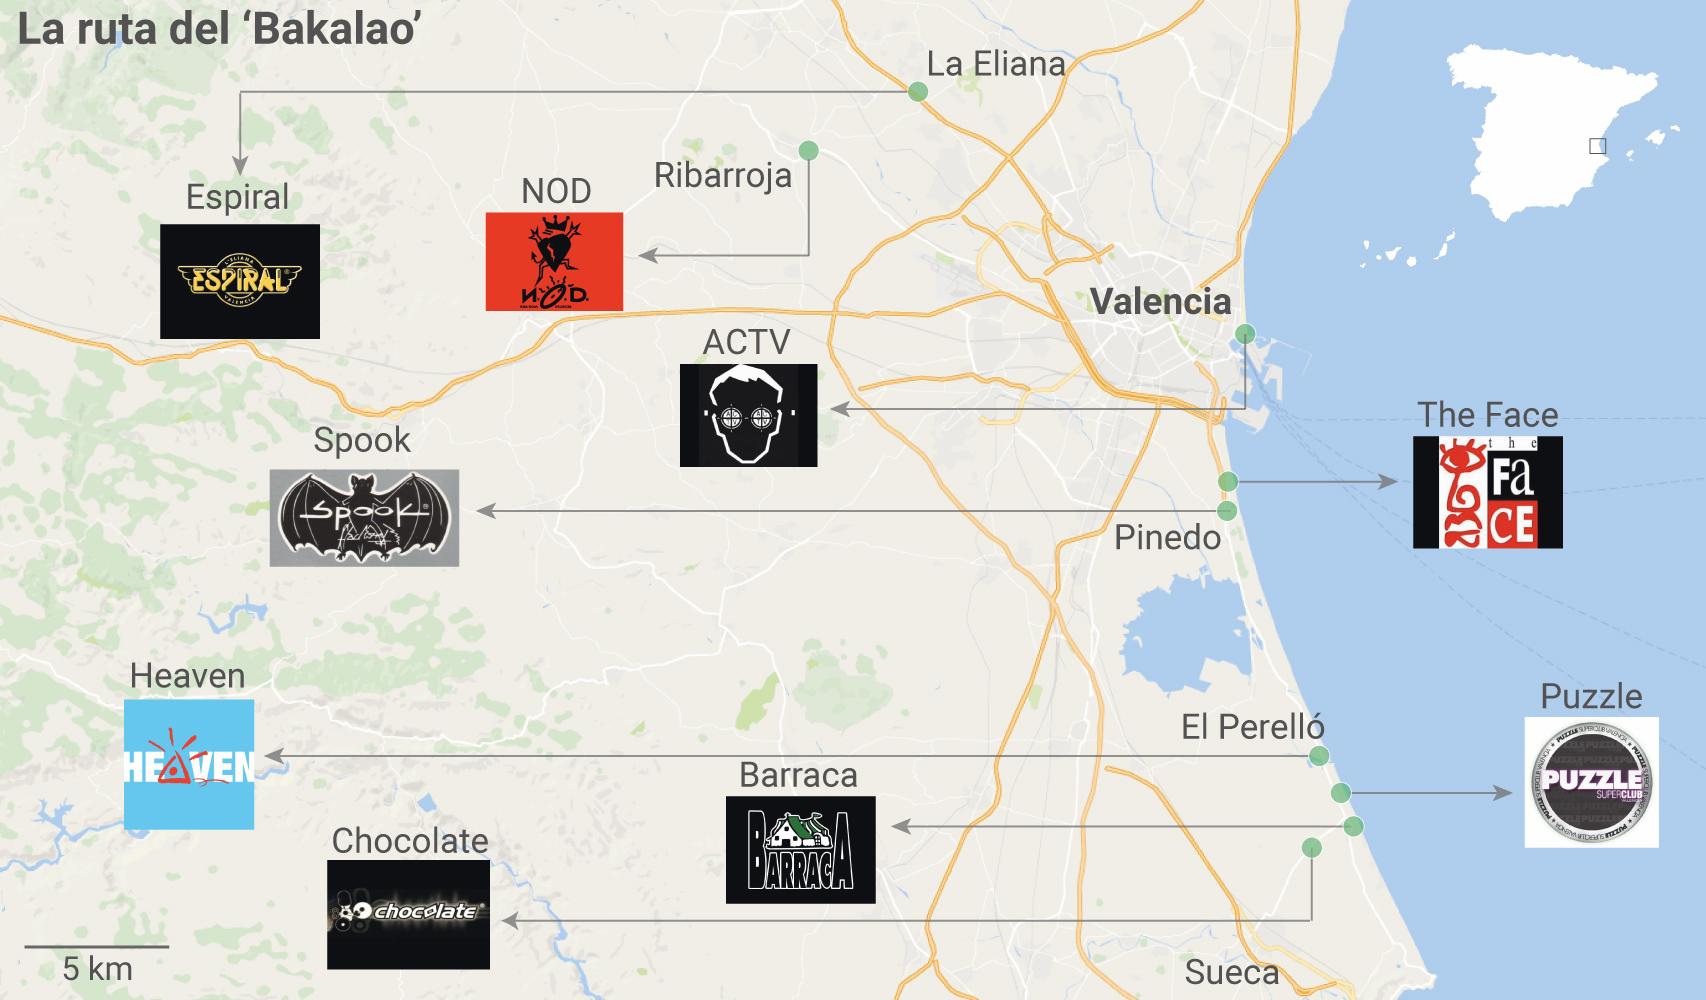 Mapa de las principales salas de la provincia de Valencia durante la época de la Ruta.